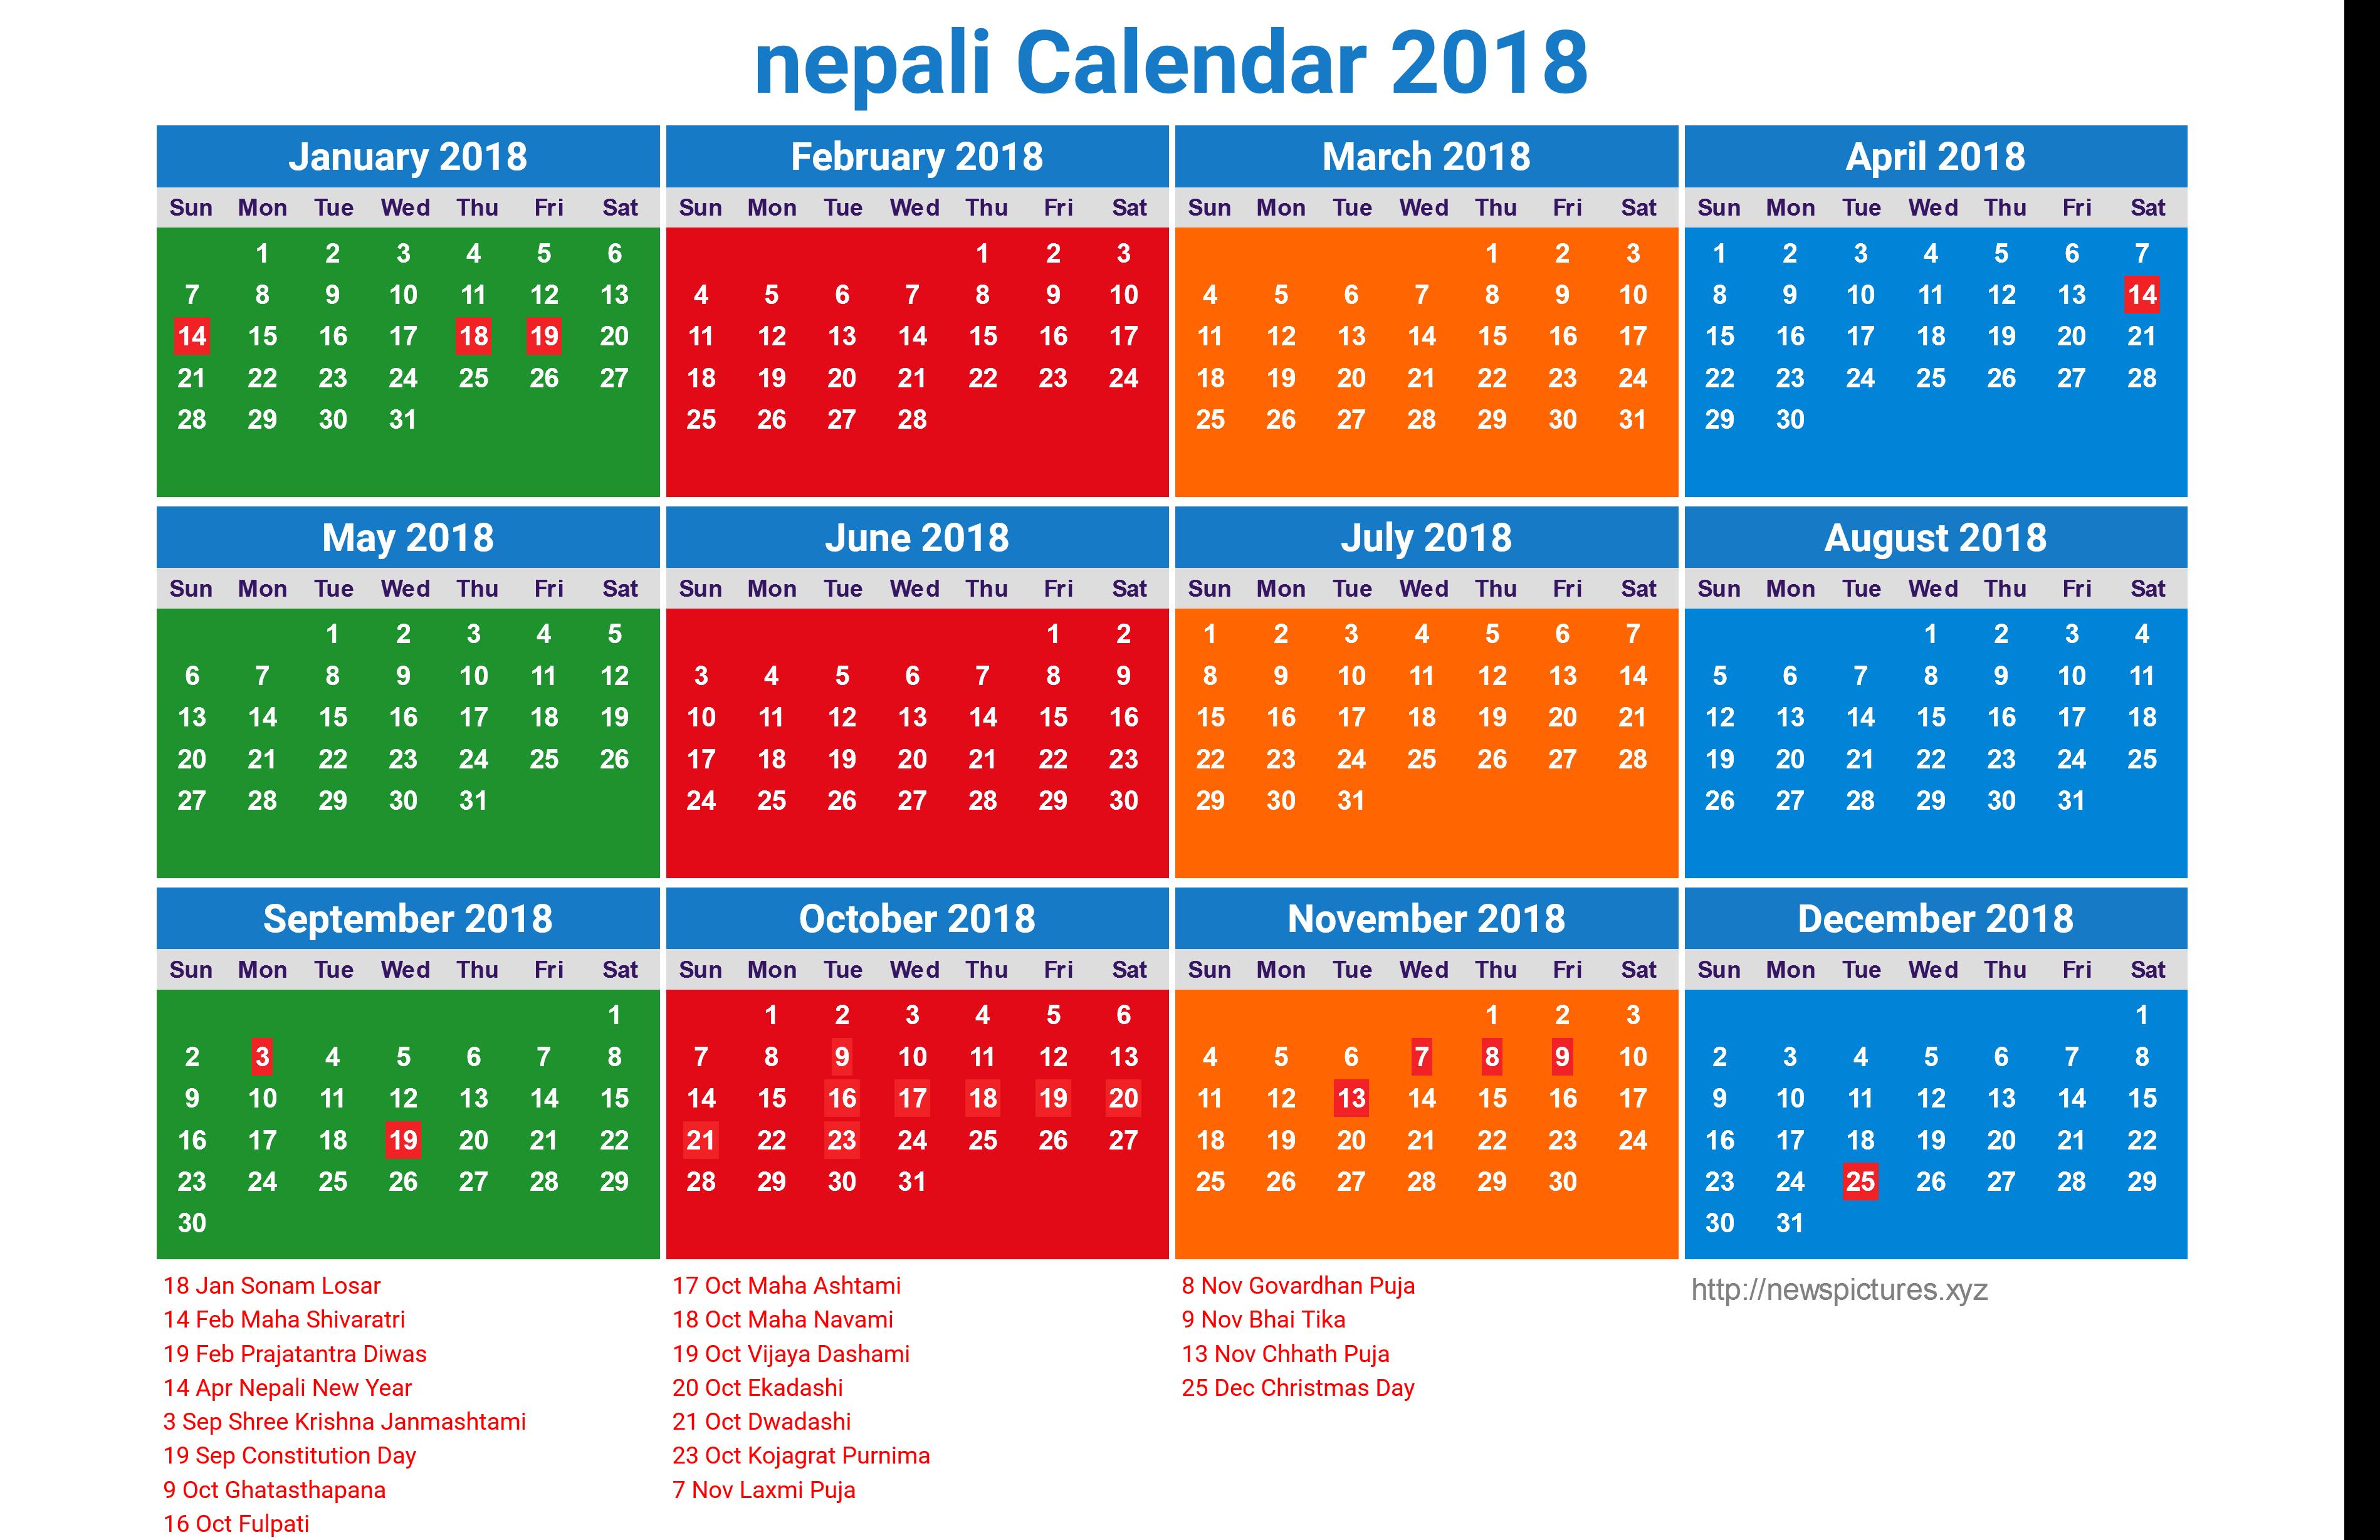 nepali calendar 2018 10 newspictures.xyz